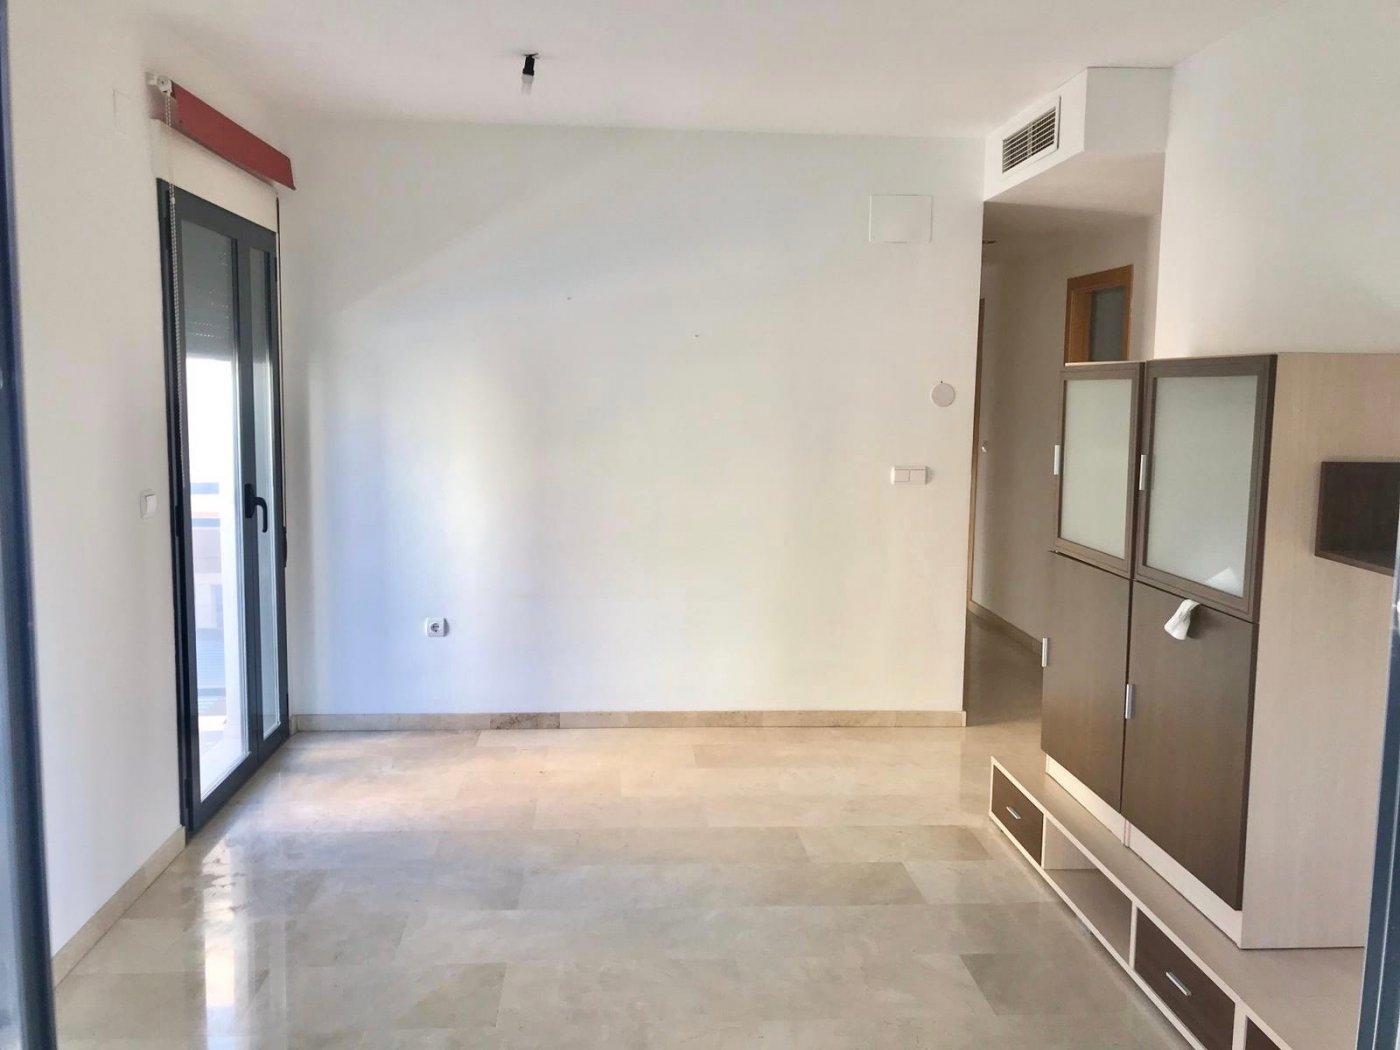 Apartamento en playa de gandia con piscina comunitaria y garaje incluido - imagenInmueble25